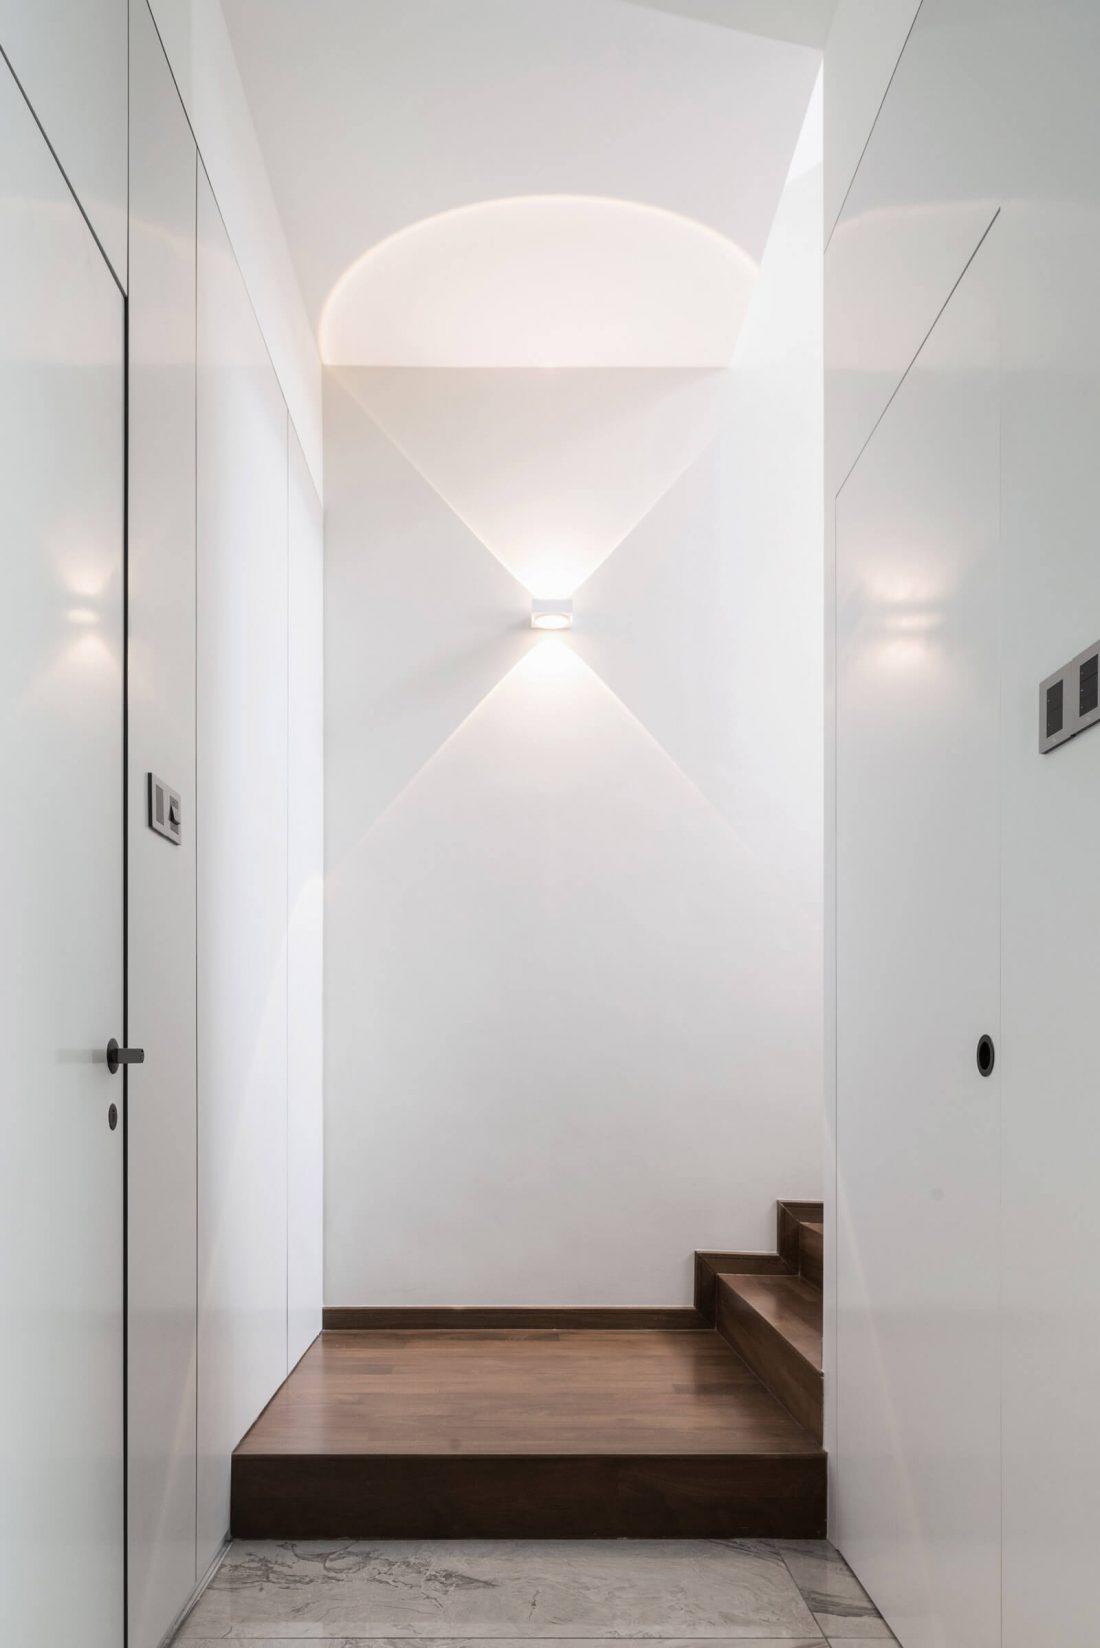 Interior-Design-Permai-Gardens-Villas-Penang-Malaysia-Staircase-Design-v1